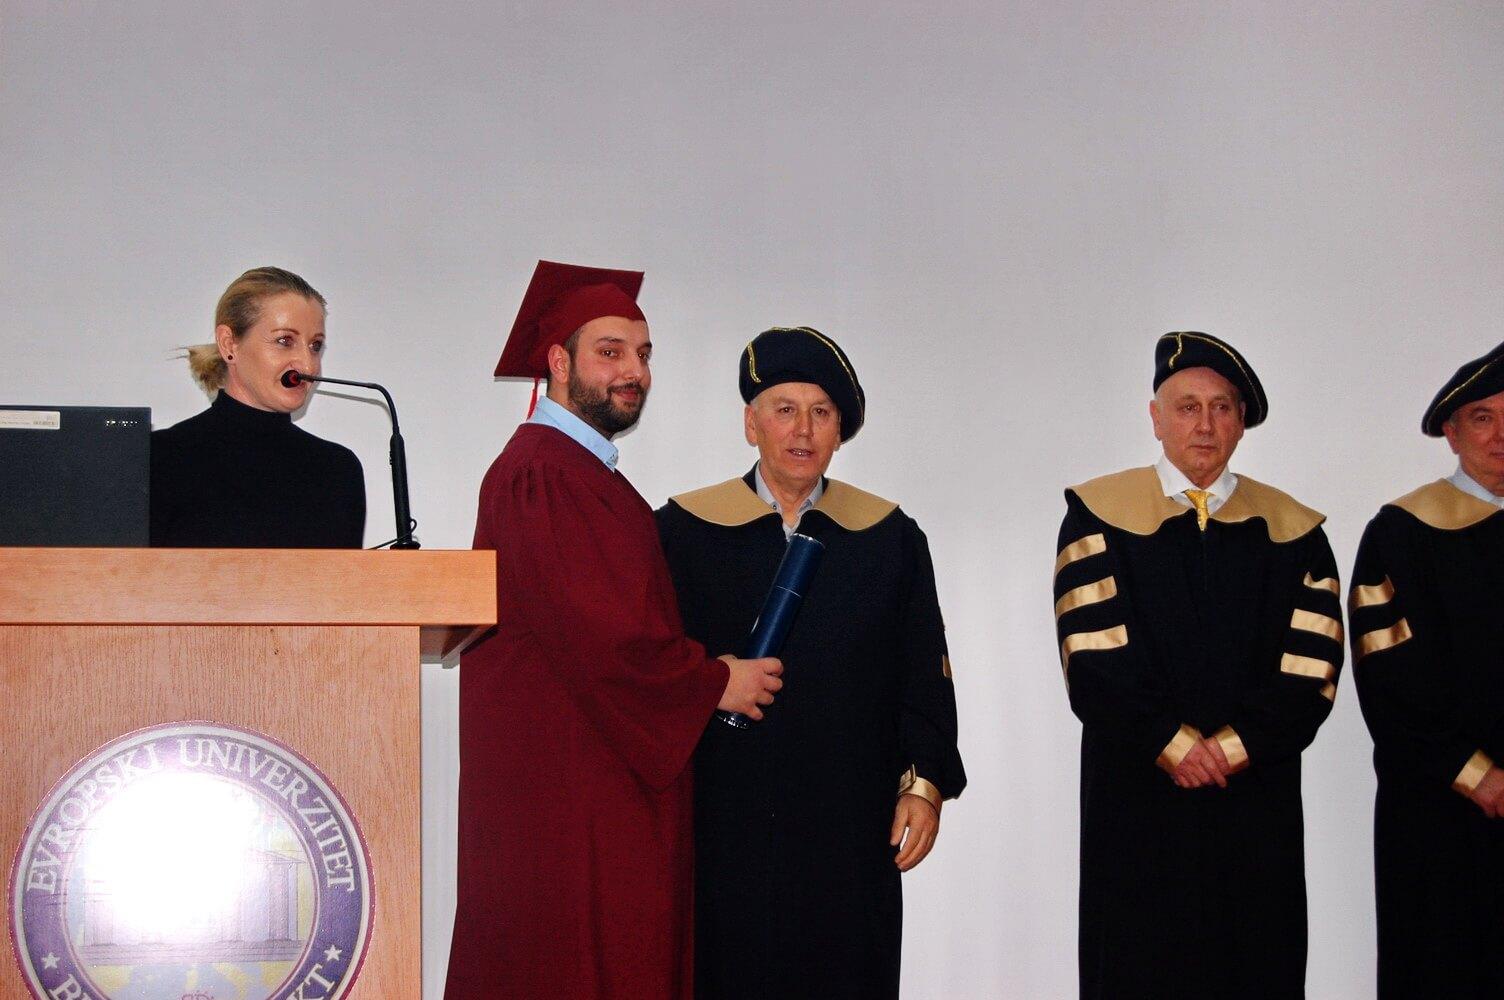 Dan Univerziteta 2020 92